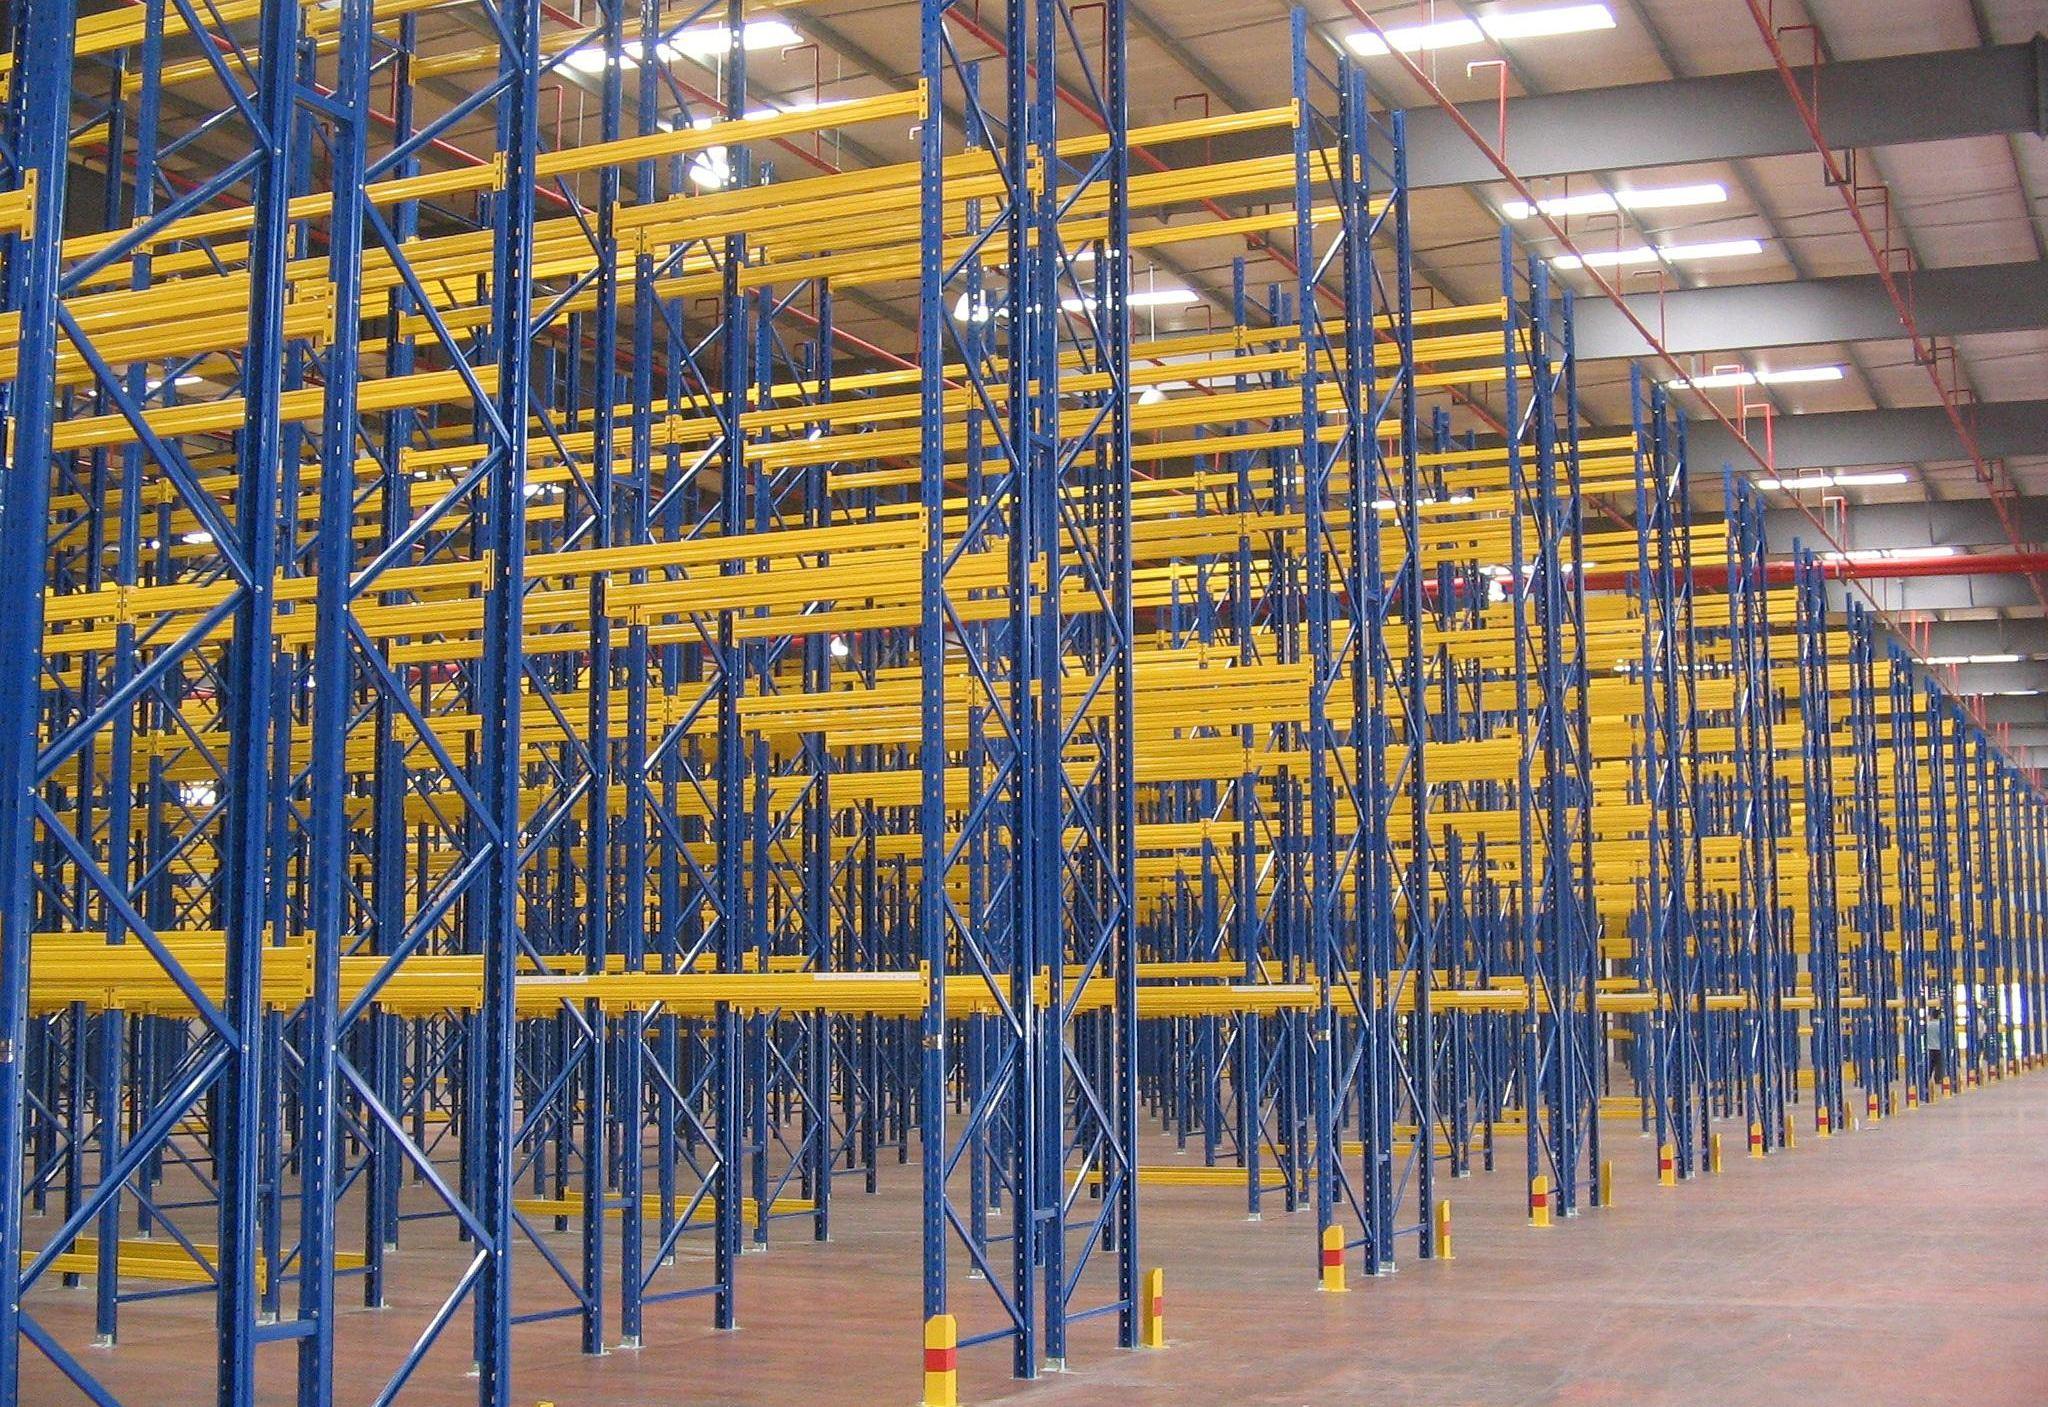 高层货架仓库适用范围有哪些